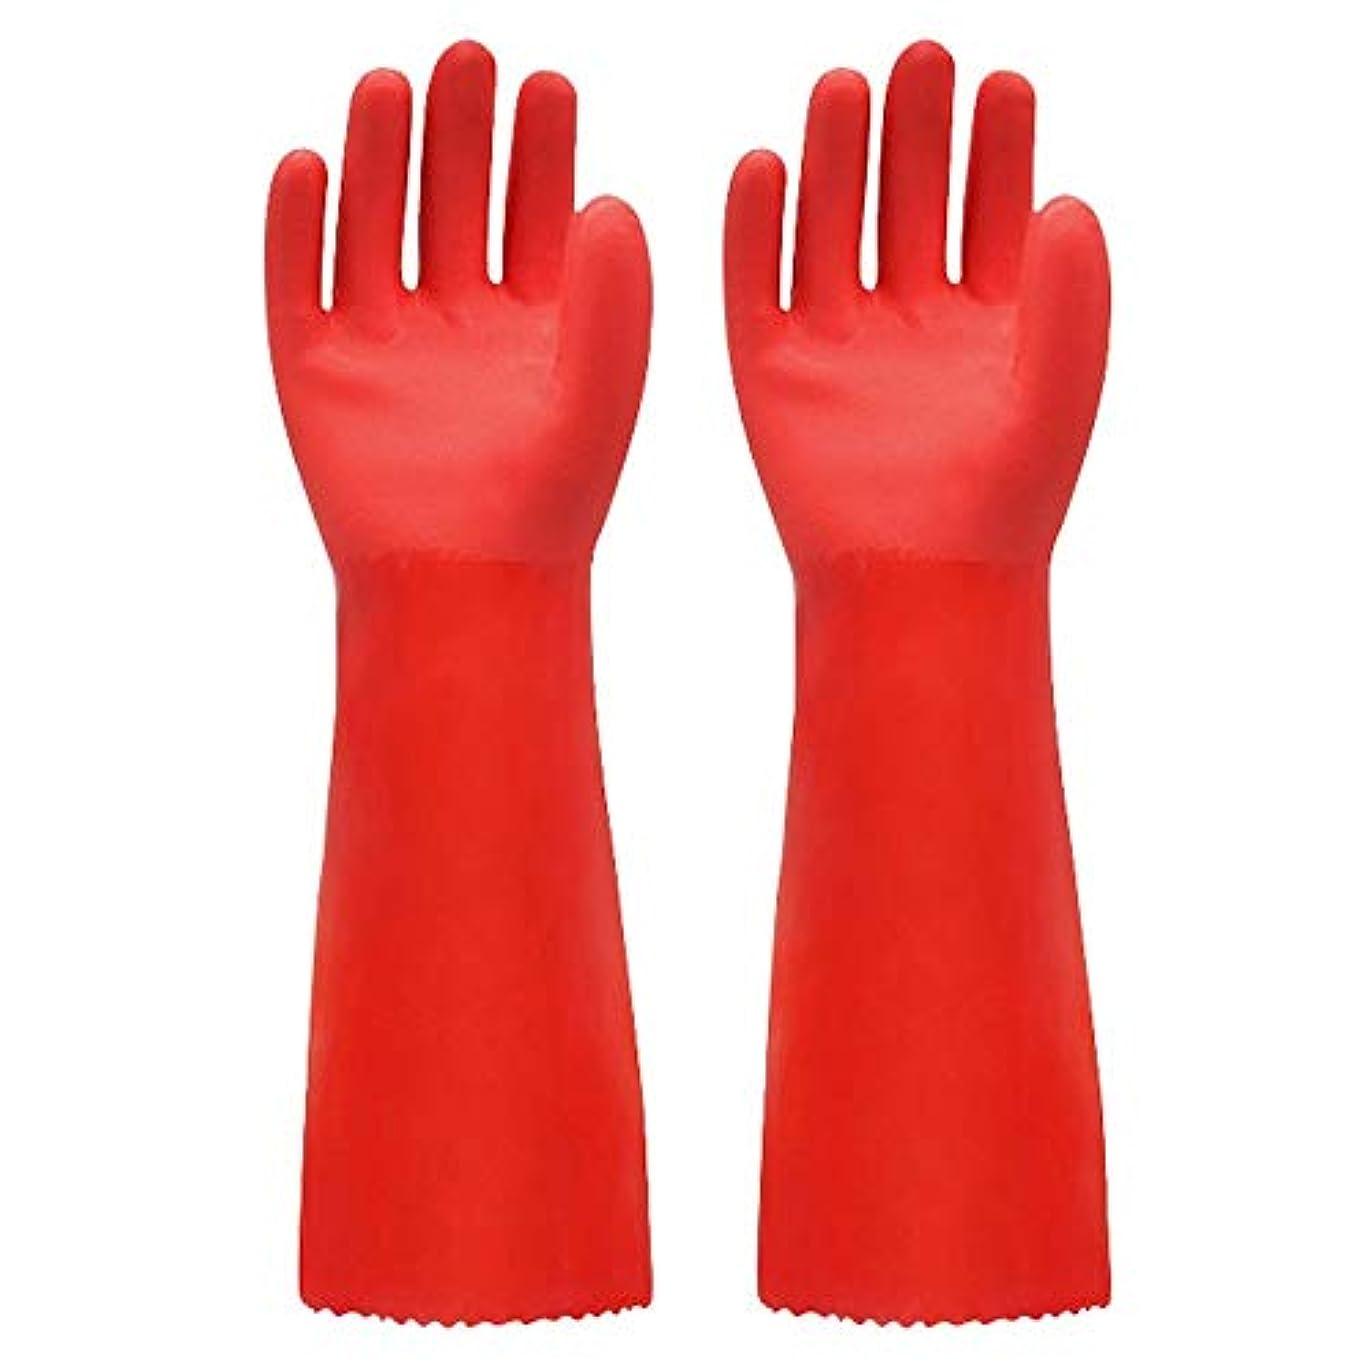 対話経済廃棄するBTXXYJP キッチン用手袋 手袋 掃除用 ロング 耐摩耗 食器洗い 作業 炊事 食器洗い 園芸 洗車 防水 手袋 (Color : RED, Size : L)